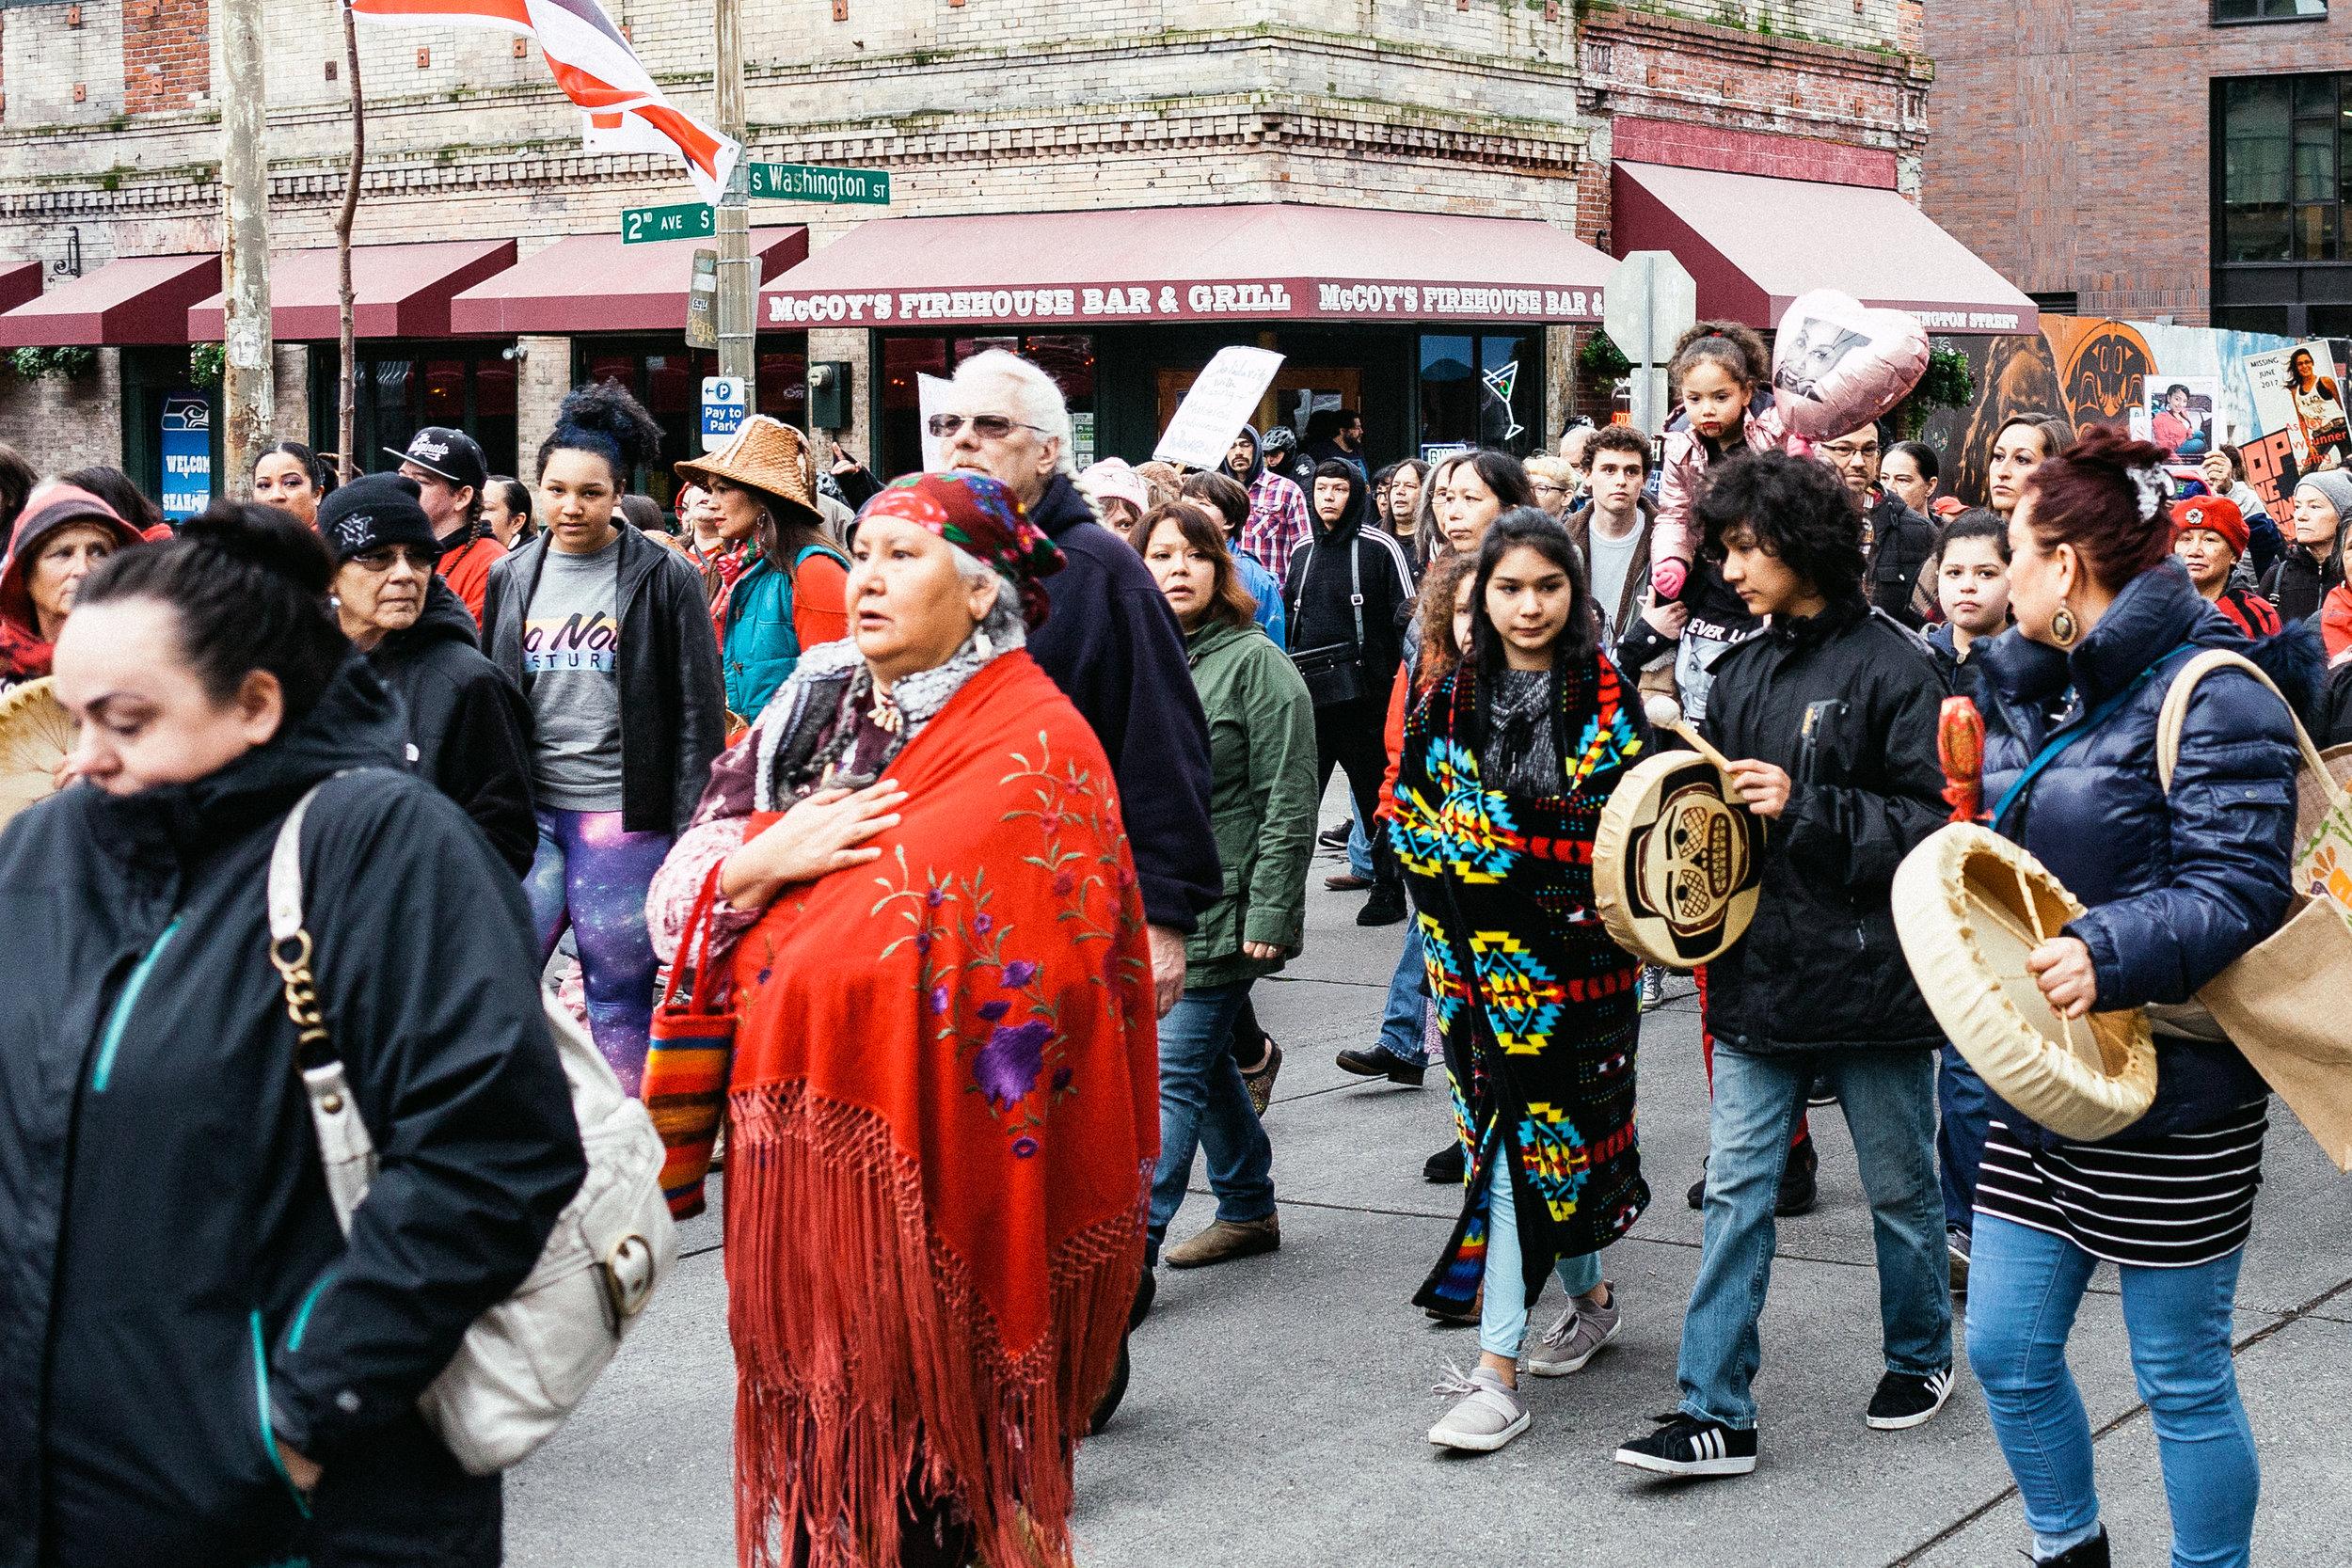 Indigenouswomxnsmarch34.jpg